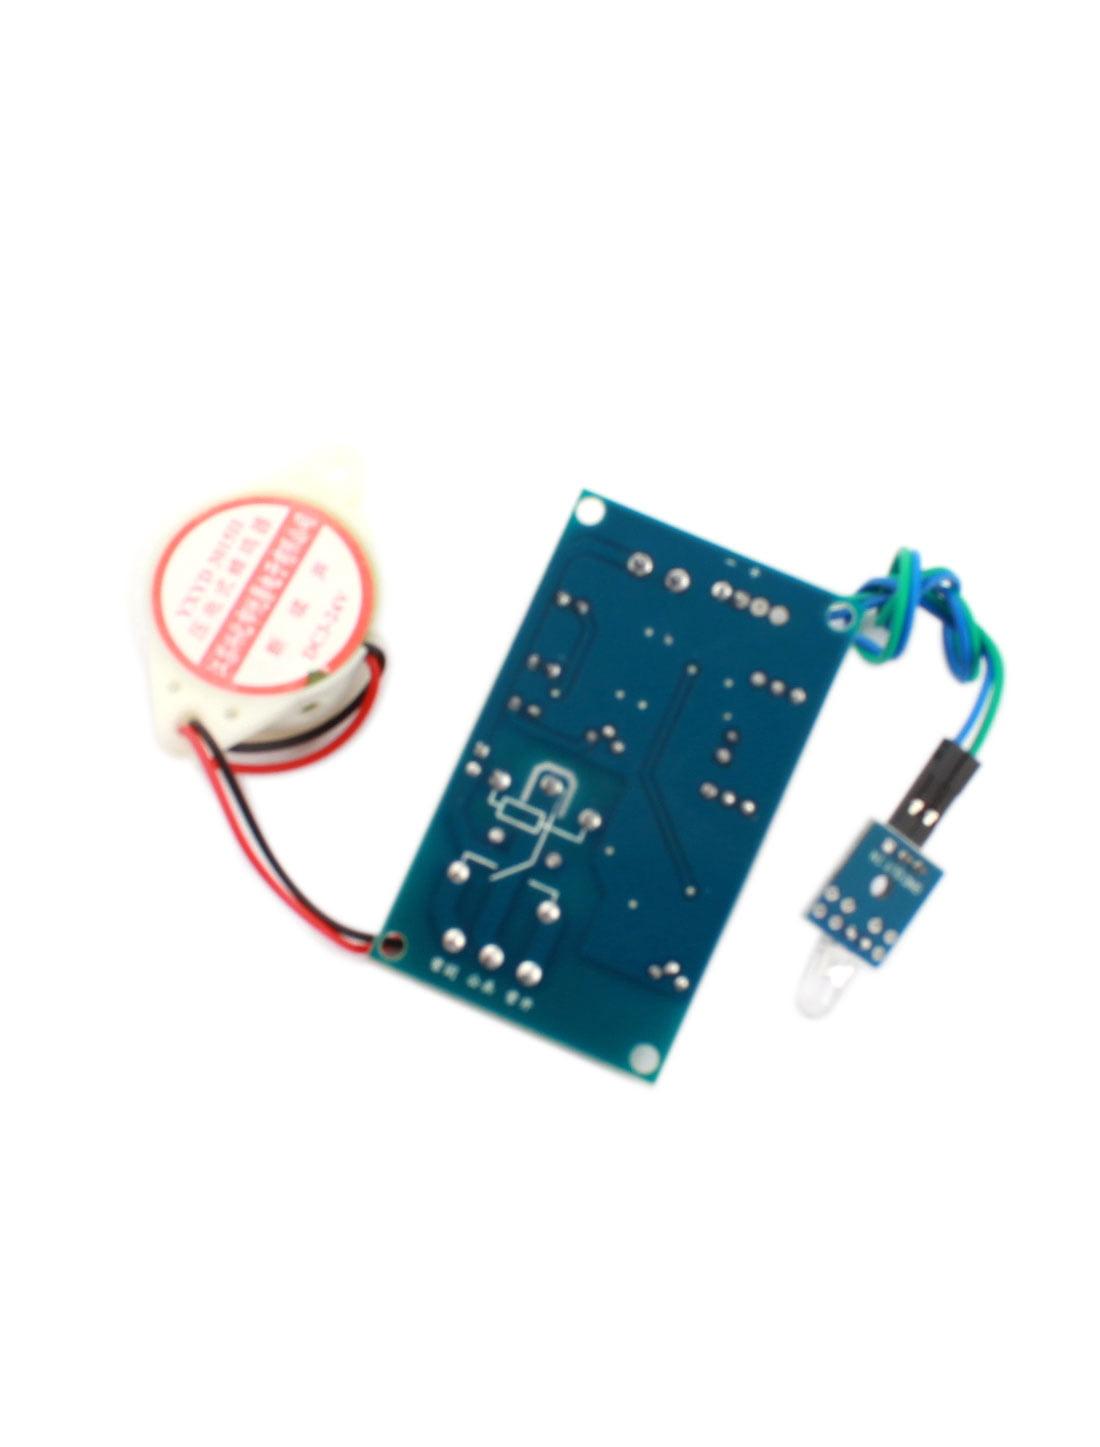 Dc24v Photosensitive Diode Sensor Delay Alarm Pcb Circuit Module W Piezo Buzzer